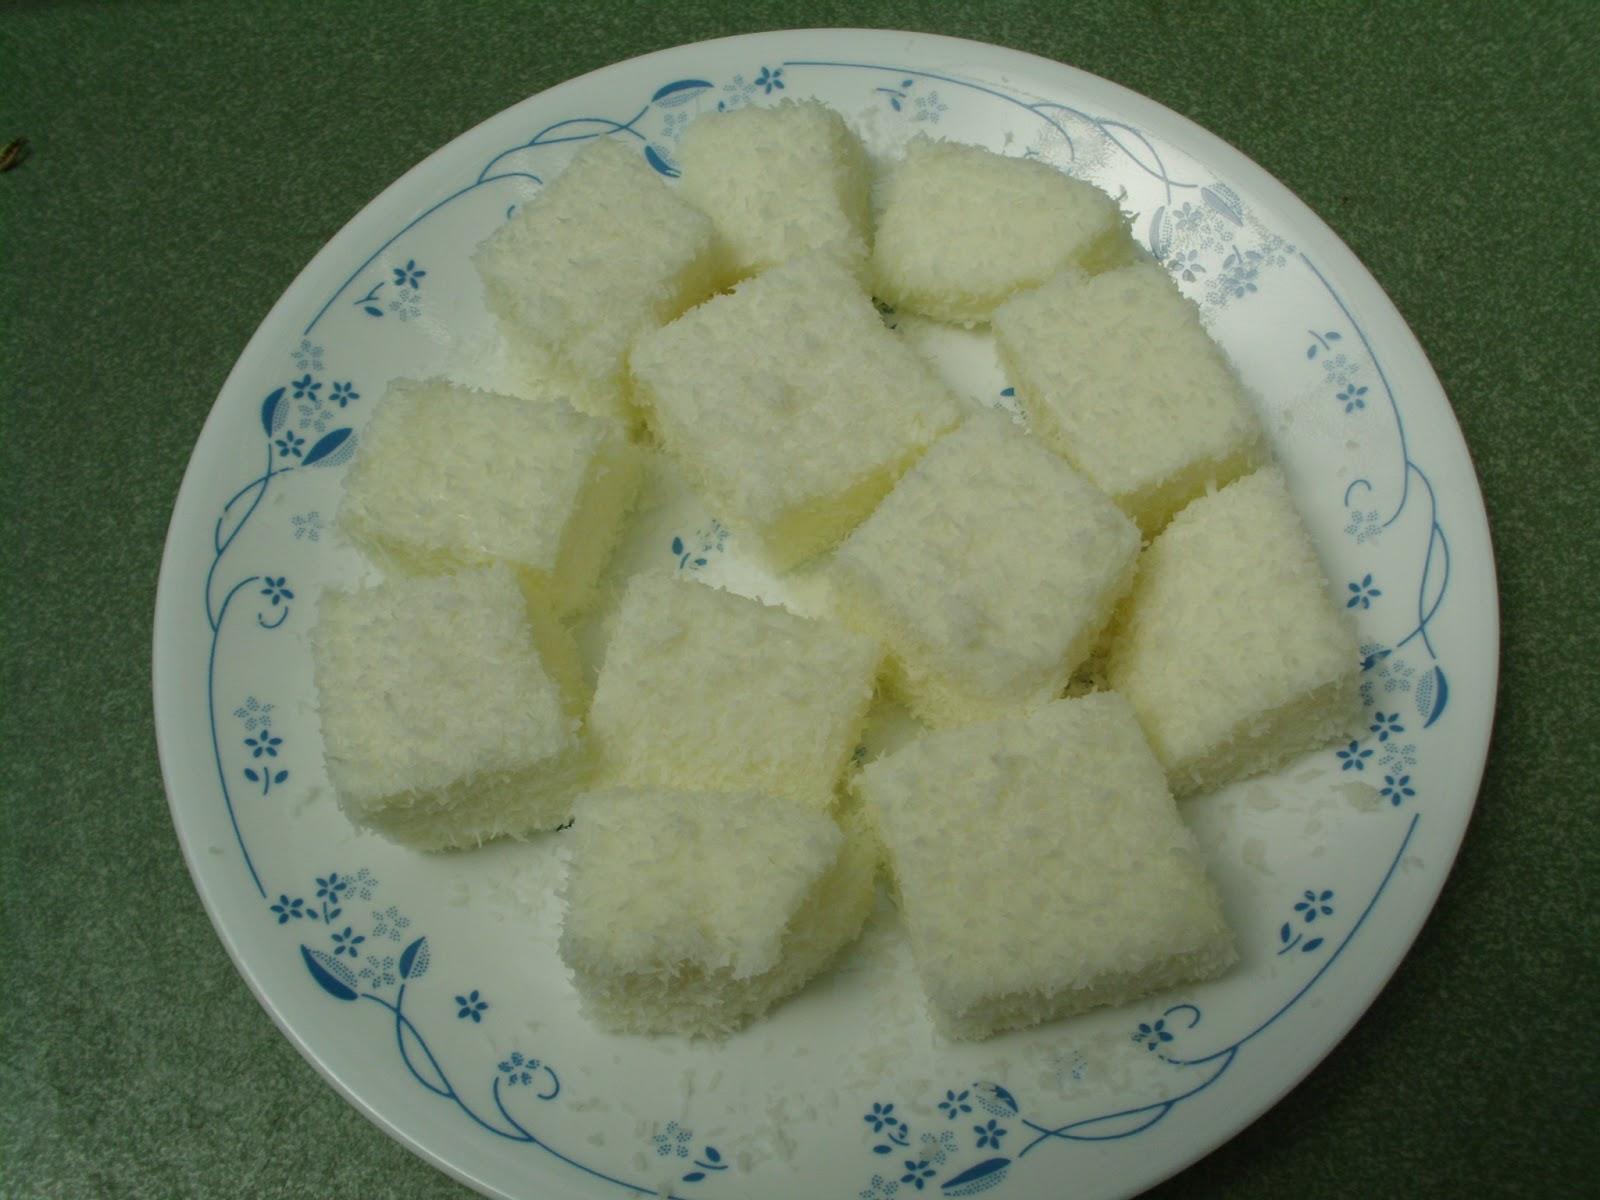 幸福如意手工皂: 牛奶雪花糕